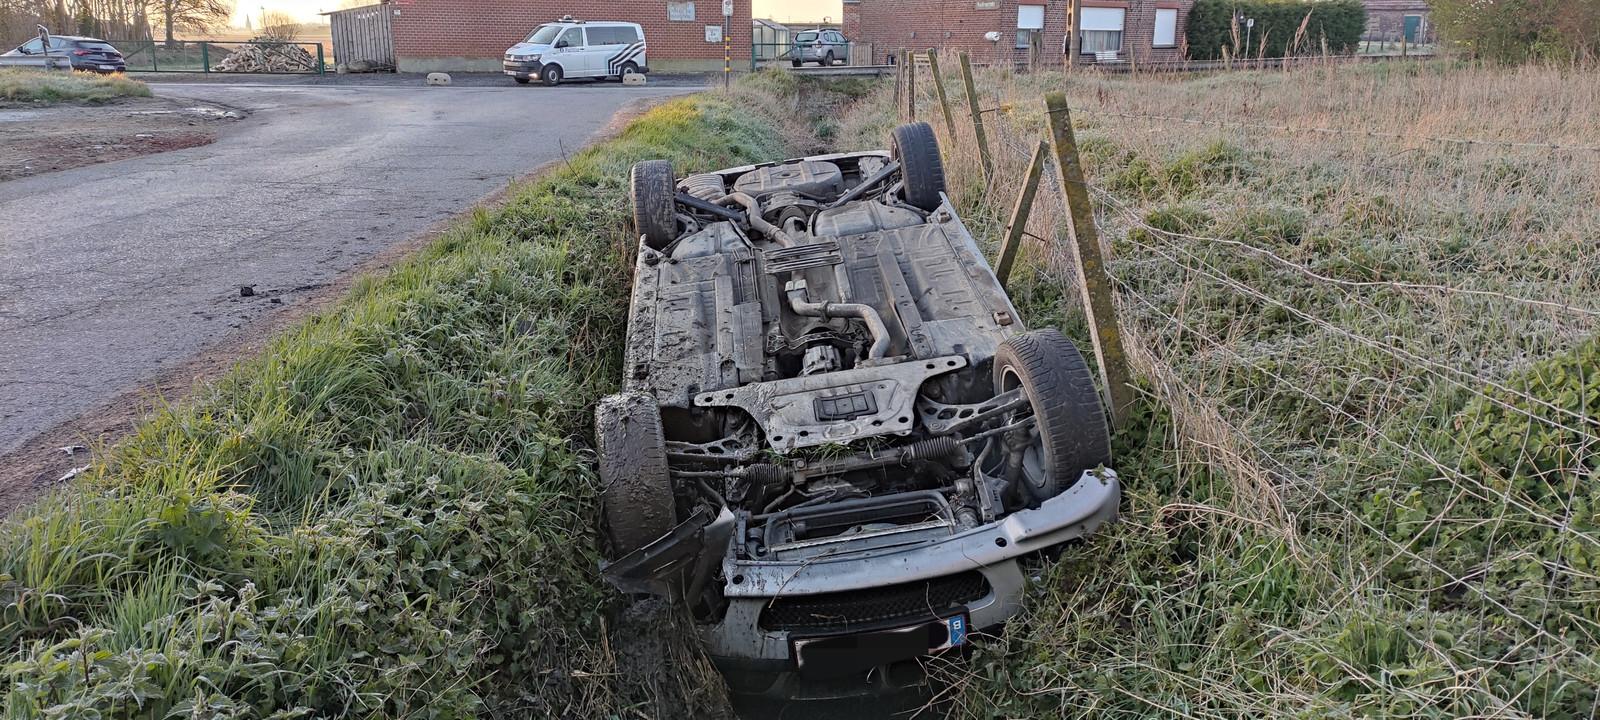 Het ongeval gebeurde in de Zwartestraat in Elverdinge.